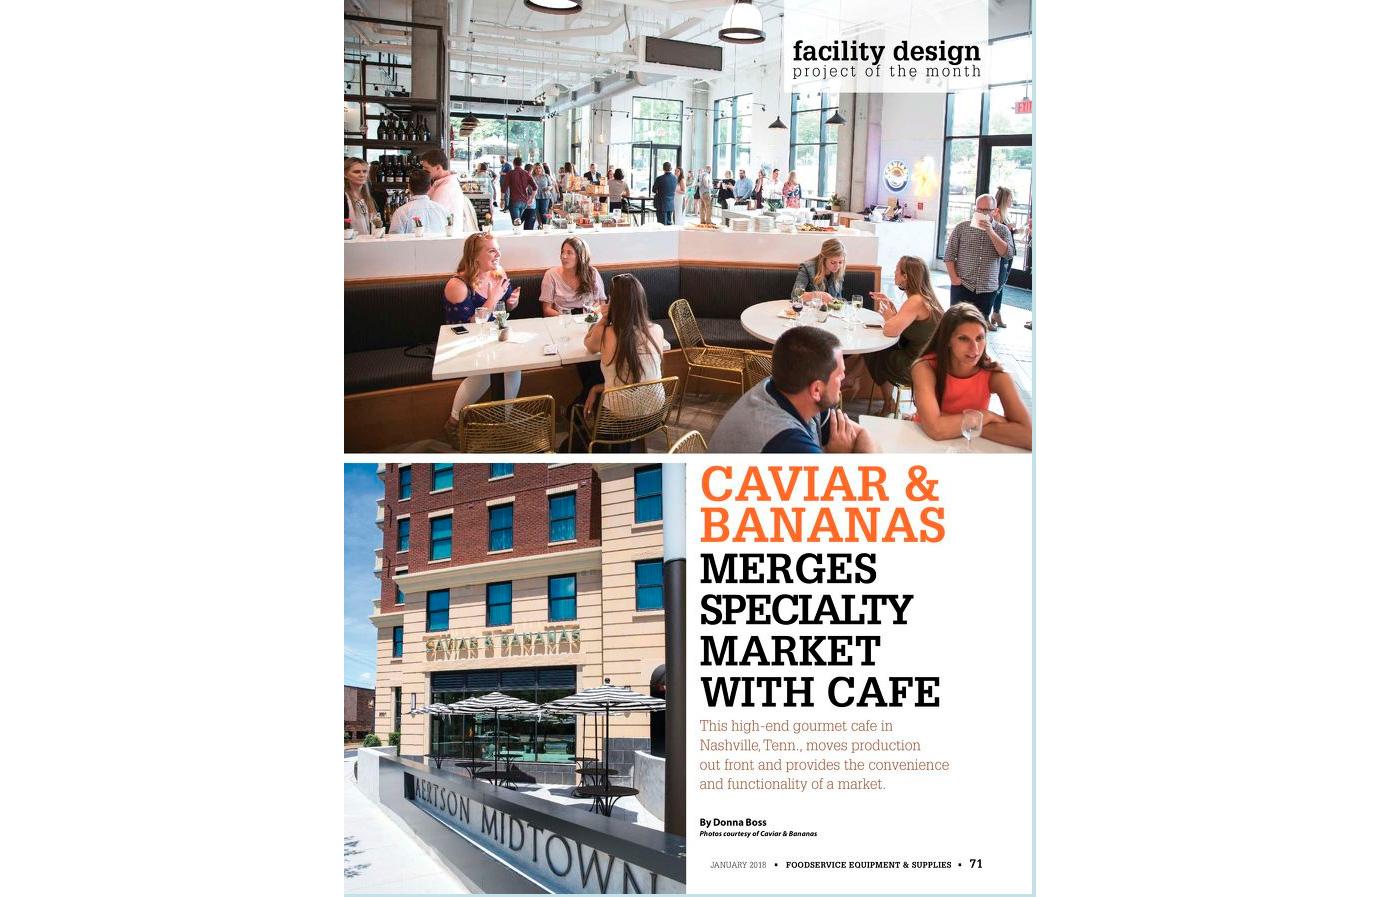 caviar-1 Caviar and Bananas chose Arctic Walk-Ins for their Nashville location